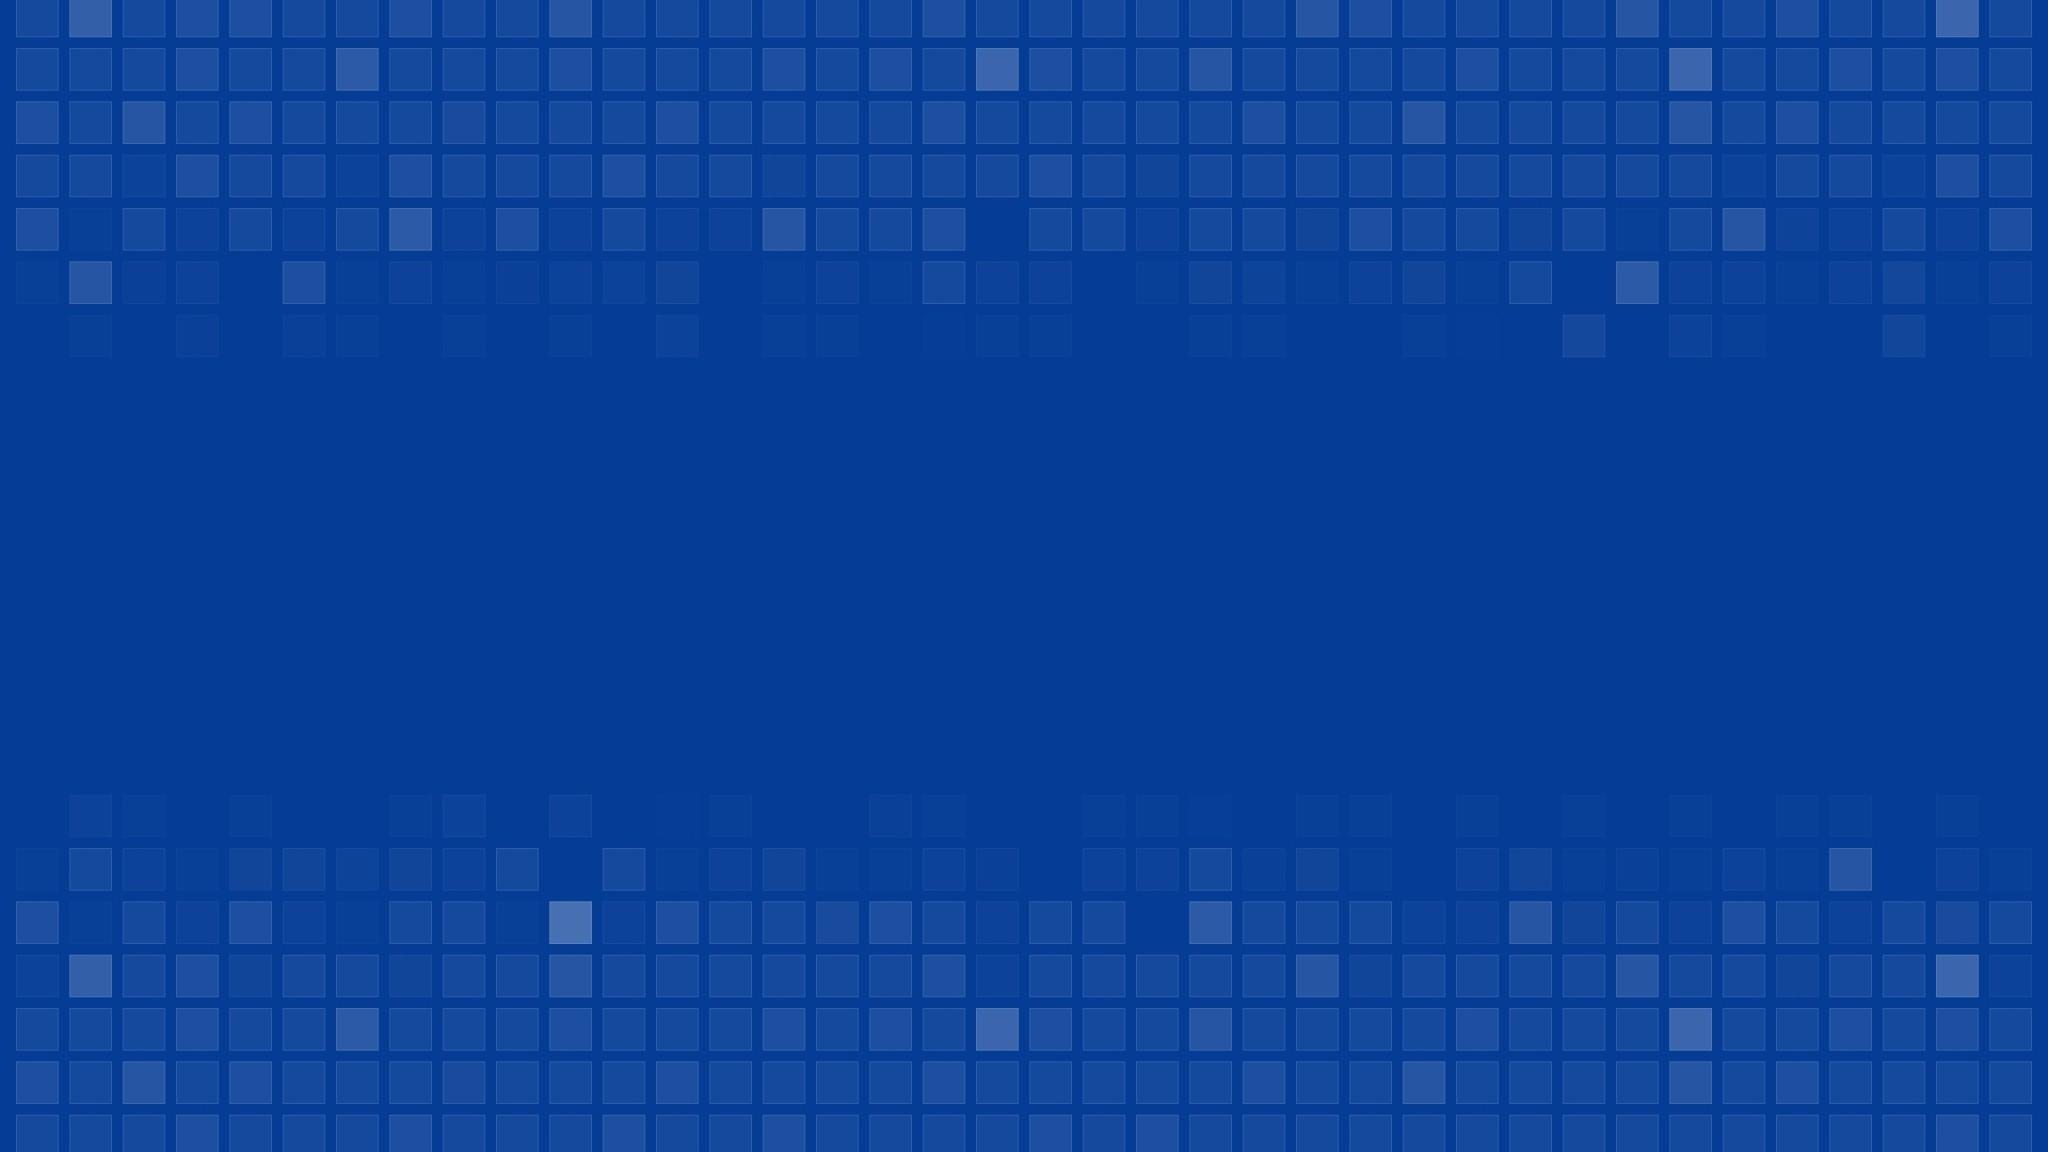 Wallpaper cubes, point, blue, light